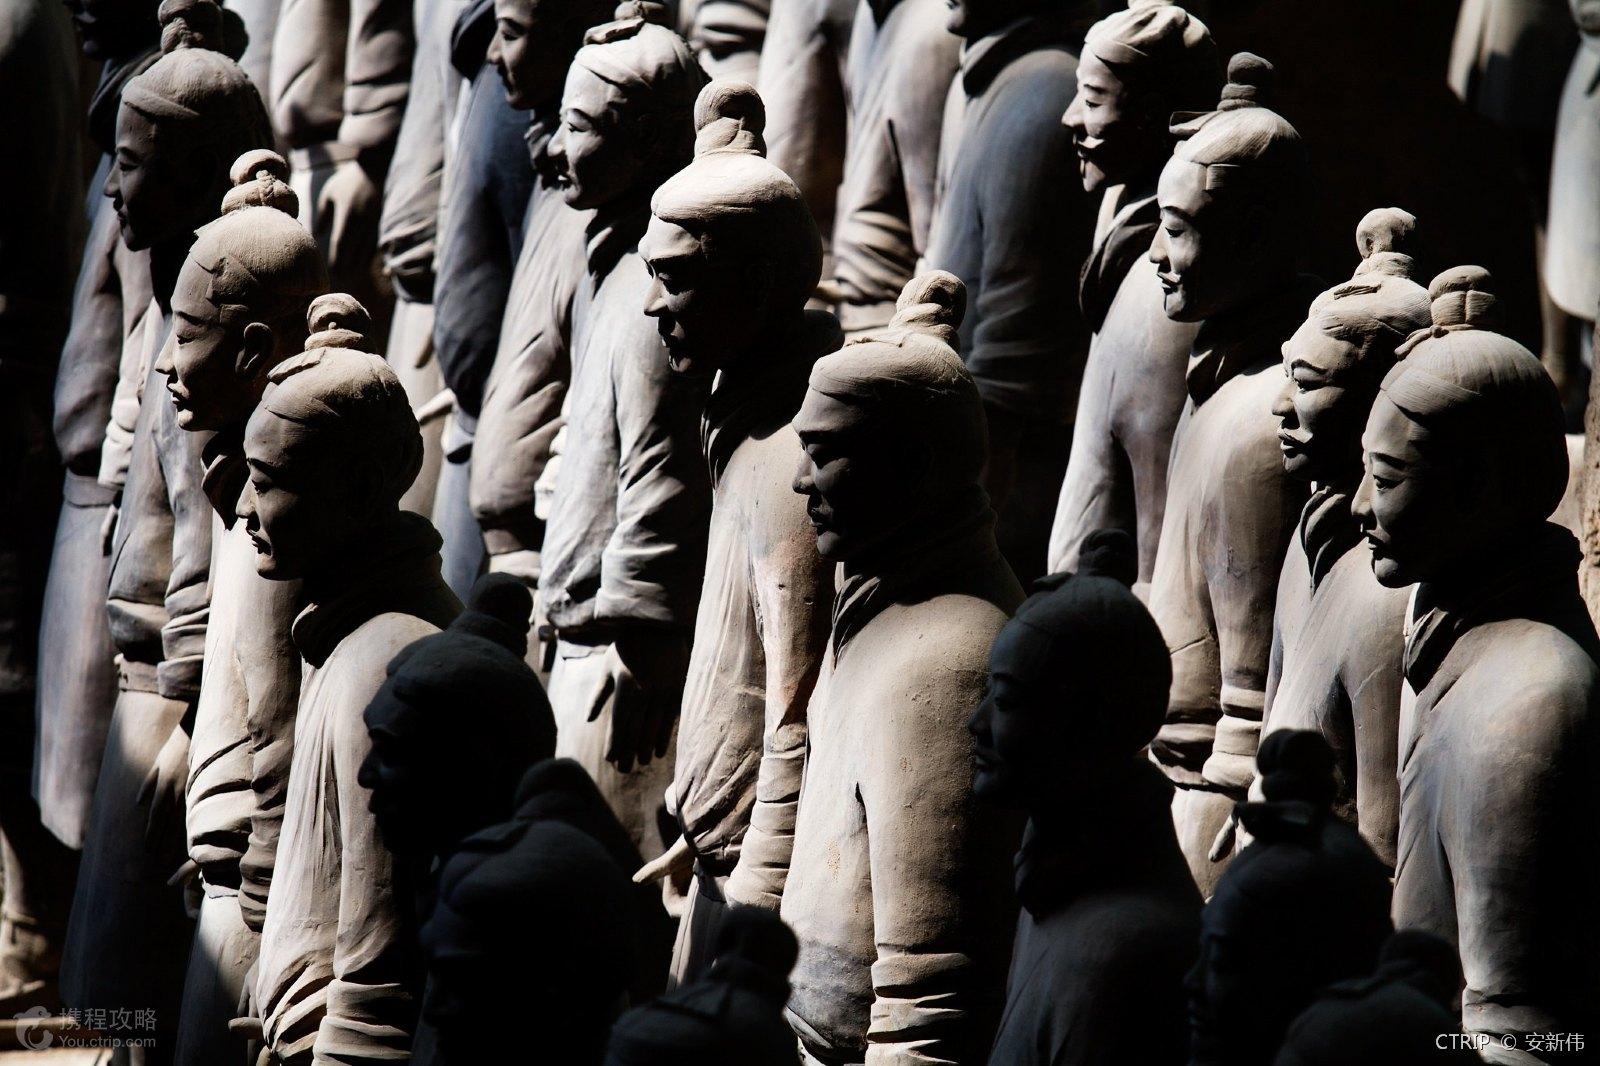 【西安英語拼團】兵馬俑博物館、秦始皇陵遺址公園拼團觀光一日遊